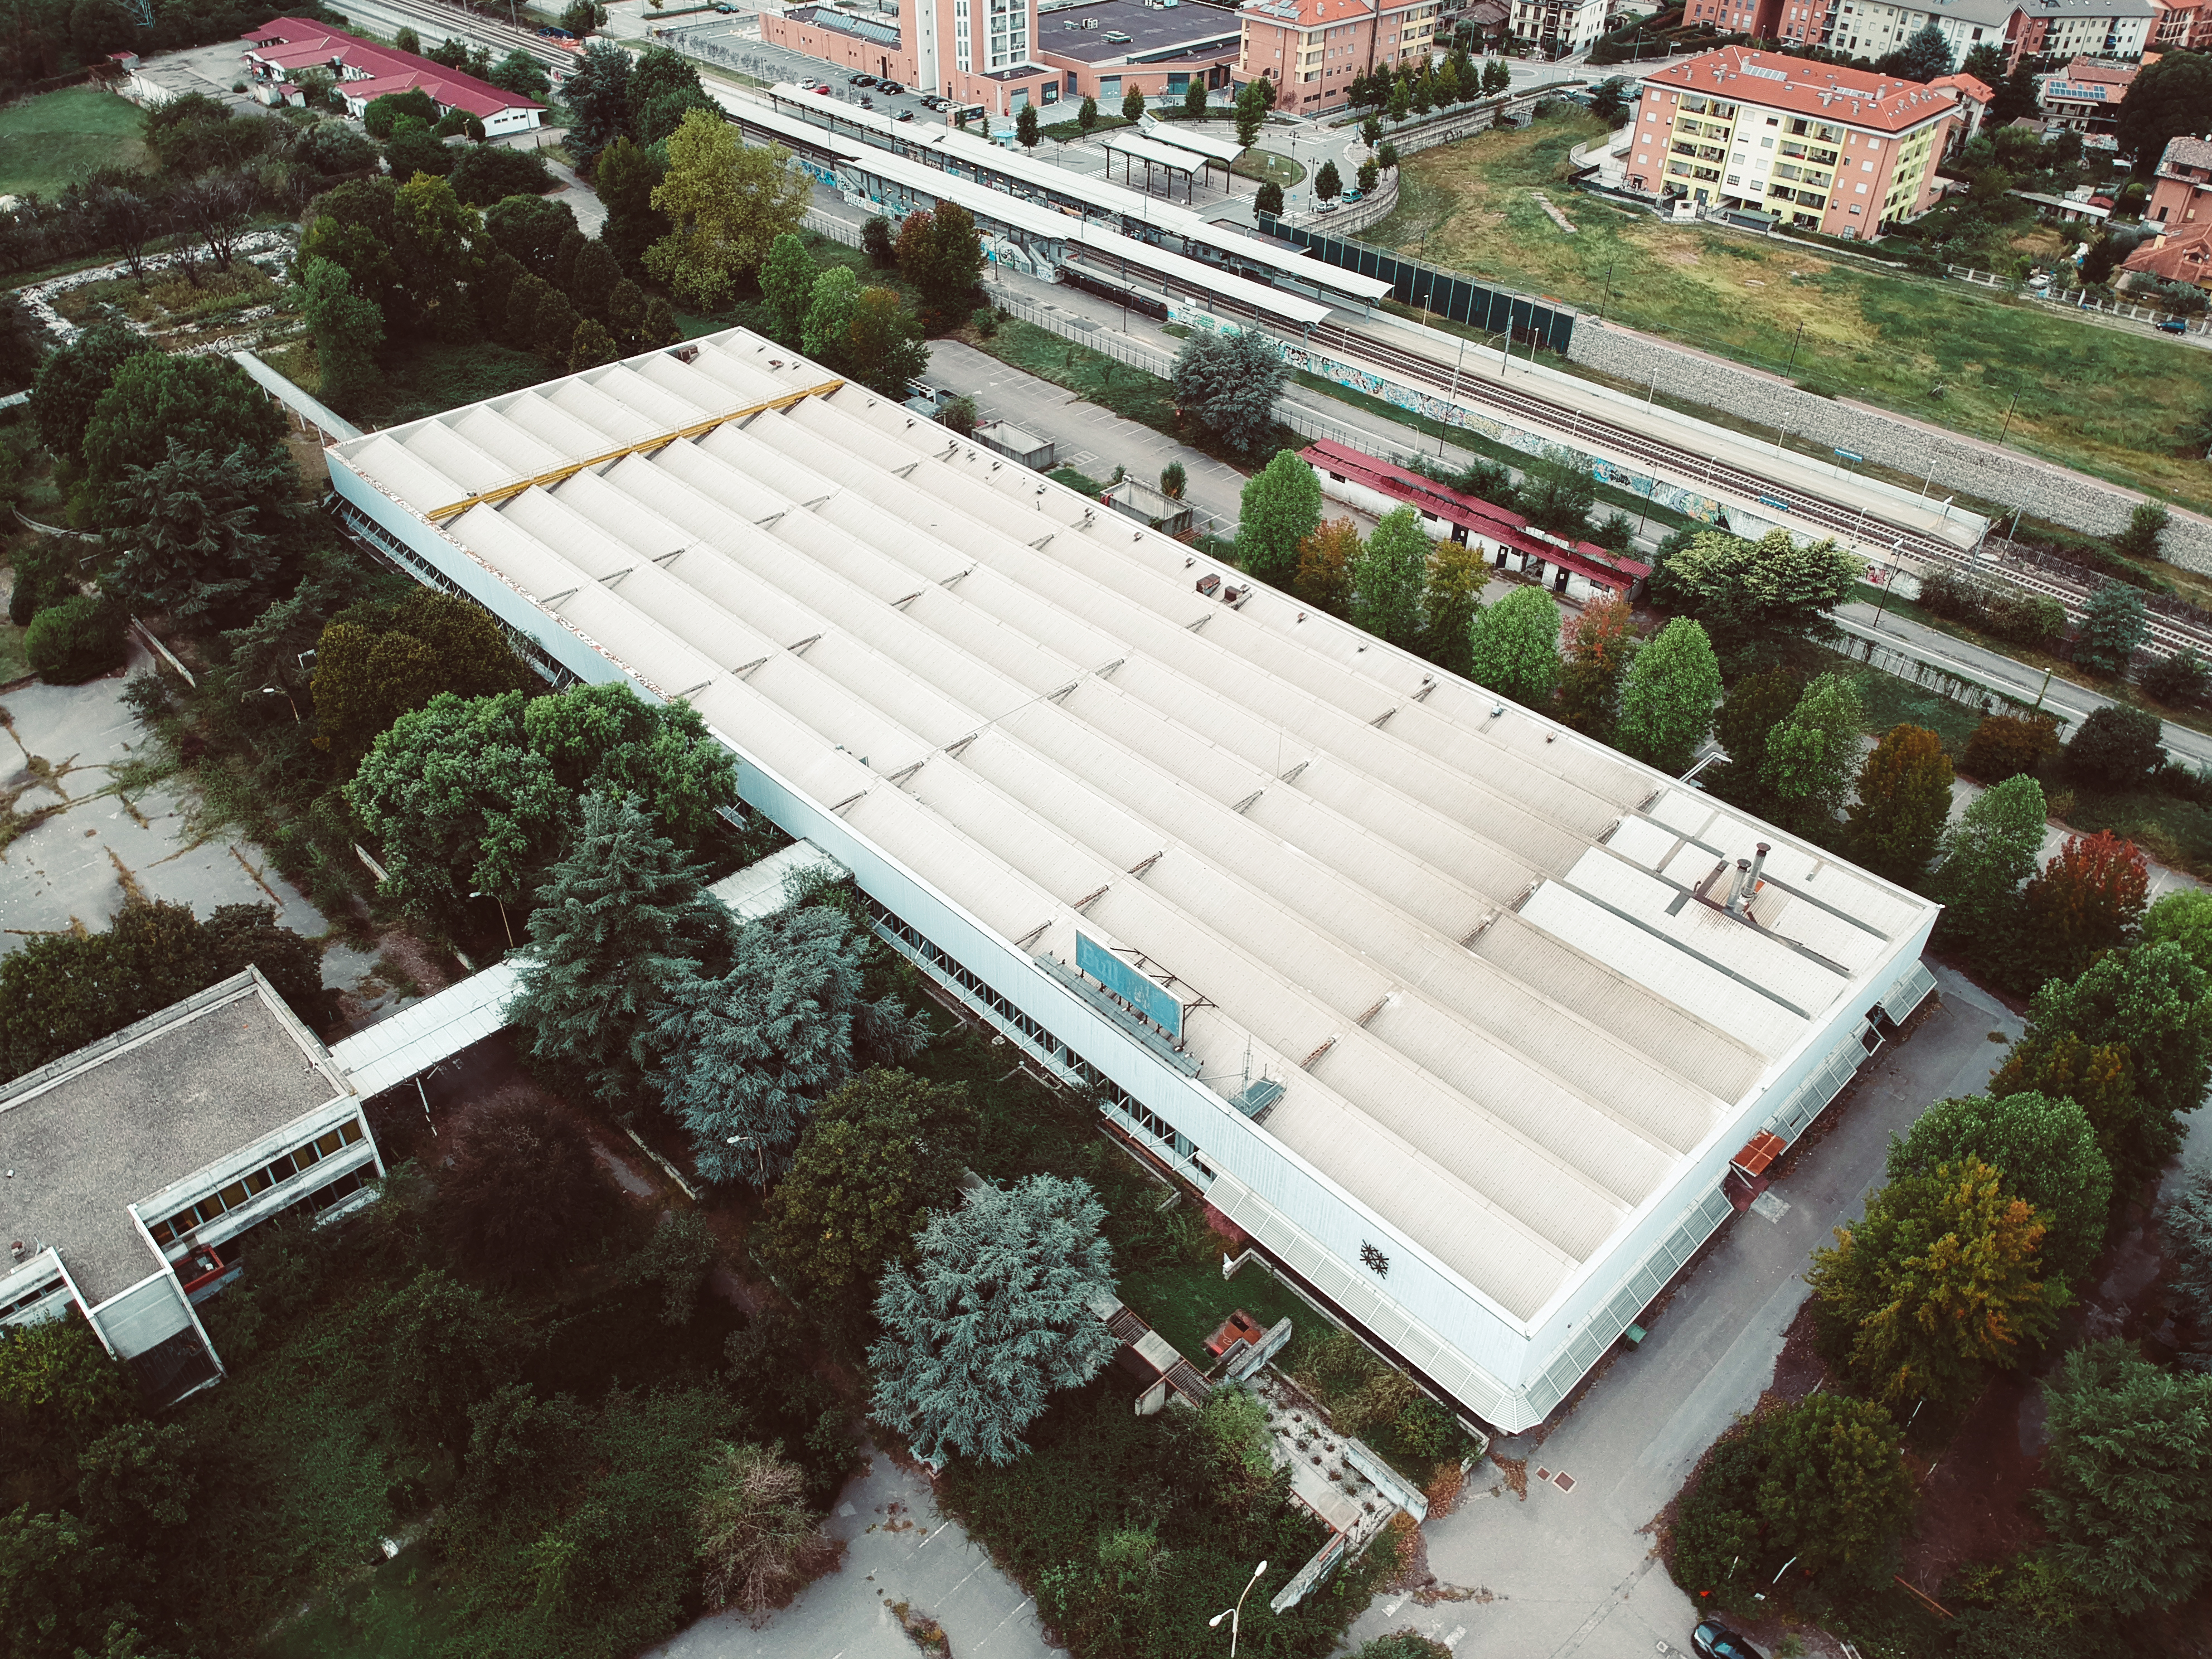 Vista esterna dell'area - SQM Real Estate - Area Pregnana Milanese ex Olivetti Bull Italia - Sviluppo riqualificazione immobile industriale